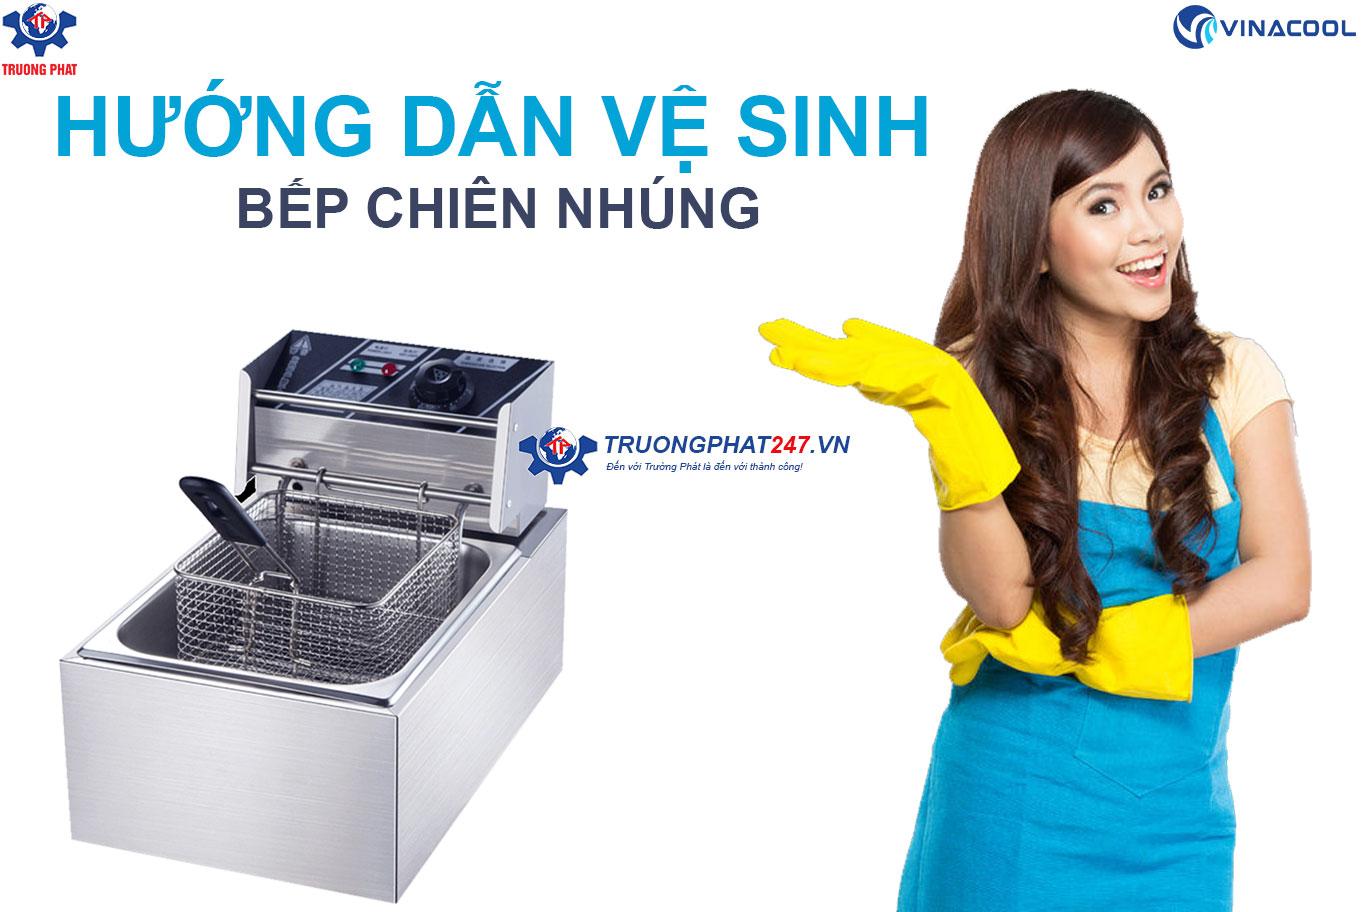 hướng dẫn vệ sinh bếp chiên nhúng